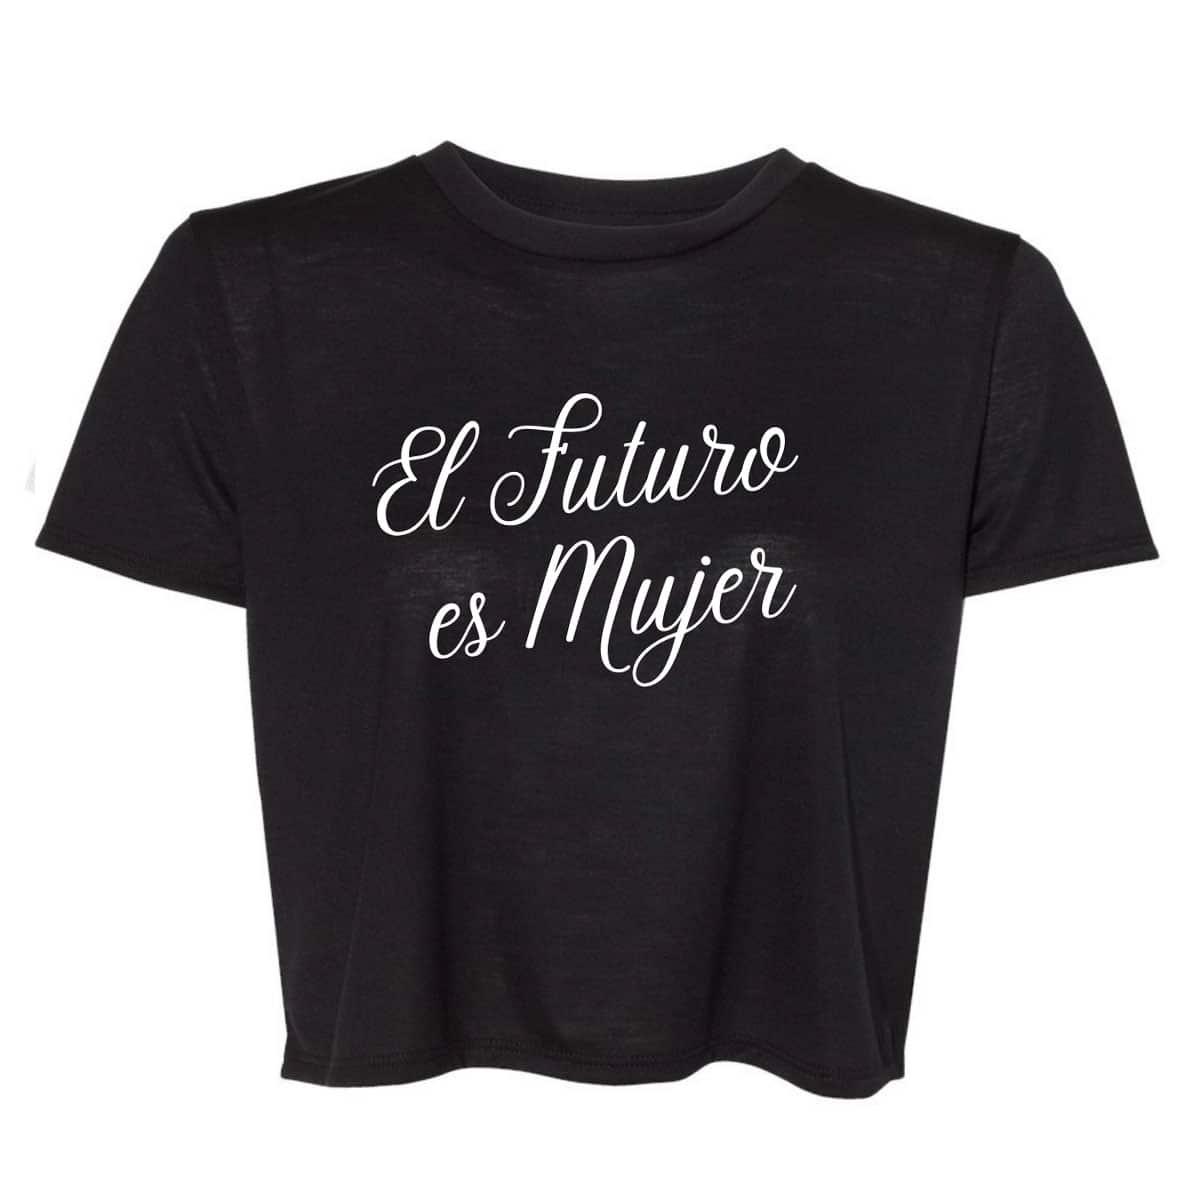 el-futuro-es-mujer-black